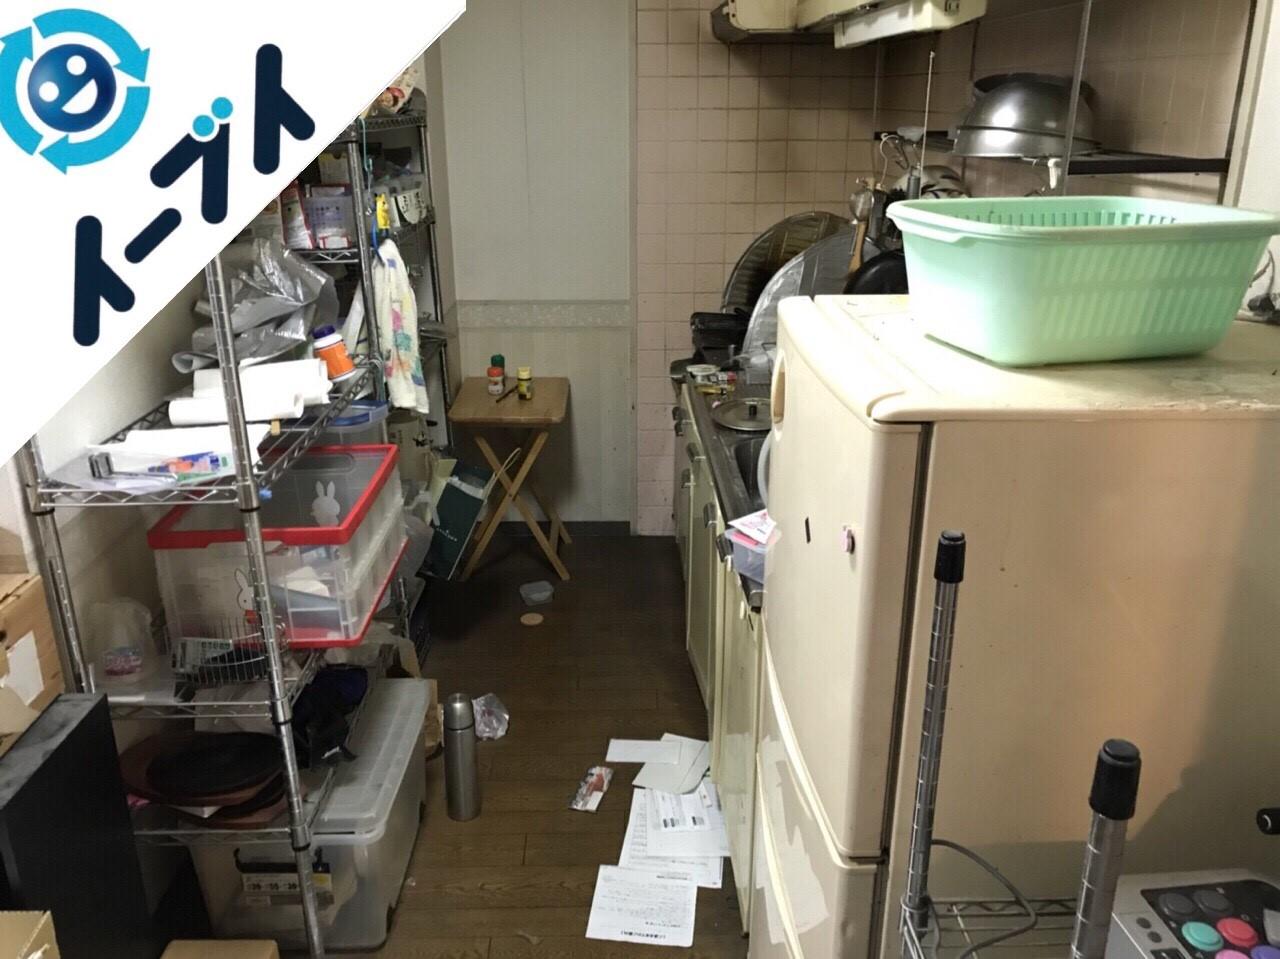 2018年1月5日大阪府大阪市東成区で台所の不用品や粗大ゴミの片付け処分をしました。写真5